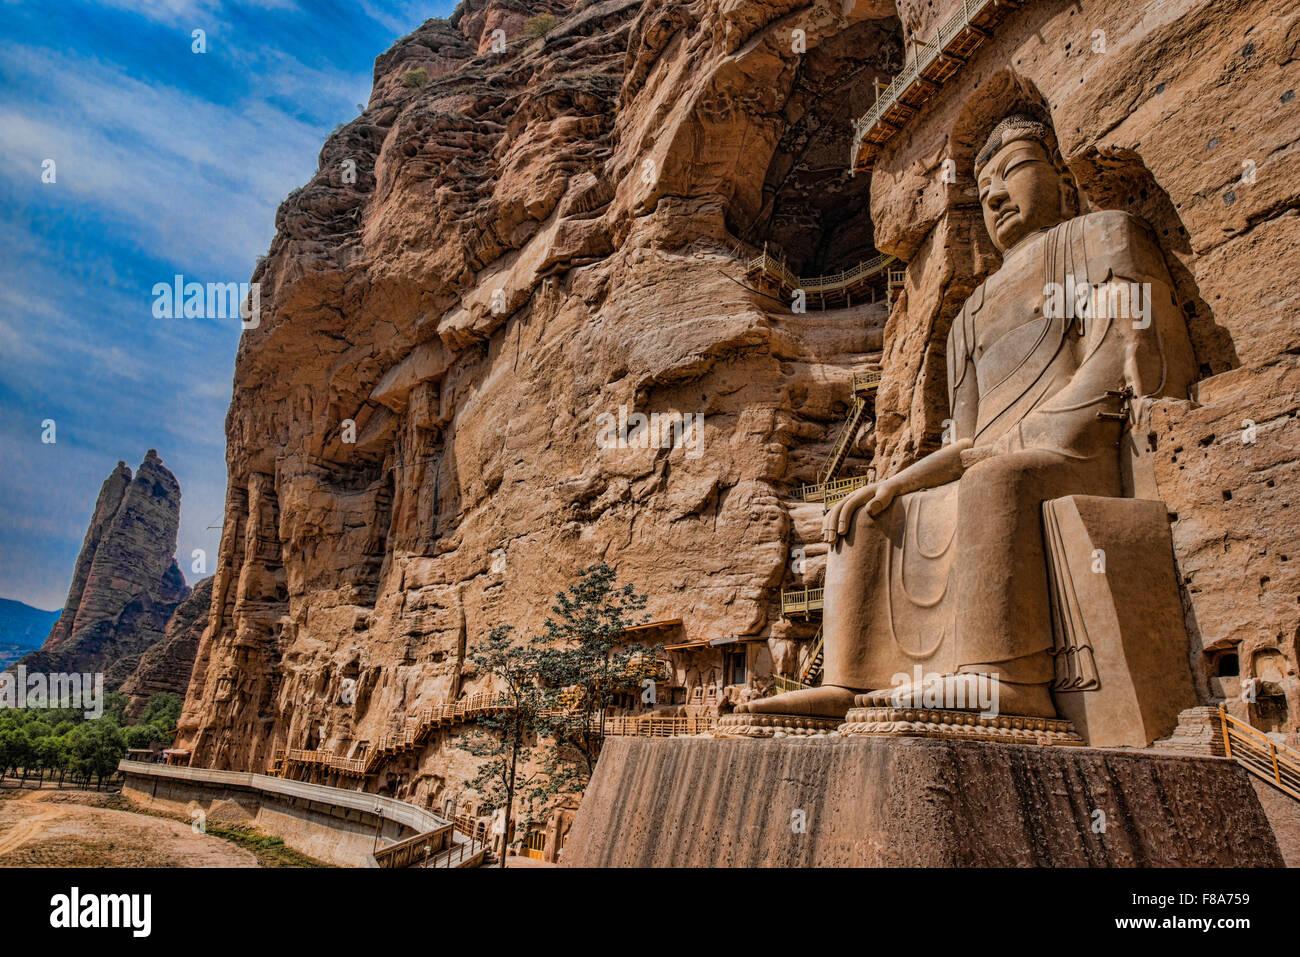 Enorme estatua de Buda, BIng Ling y templo de la cueva de la provincia de Ganshu, China Río Amarillo Imagen De Stock